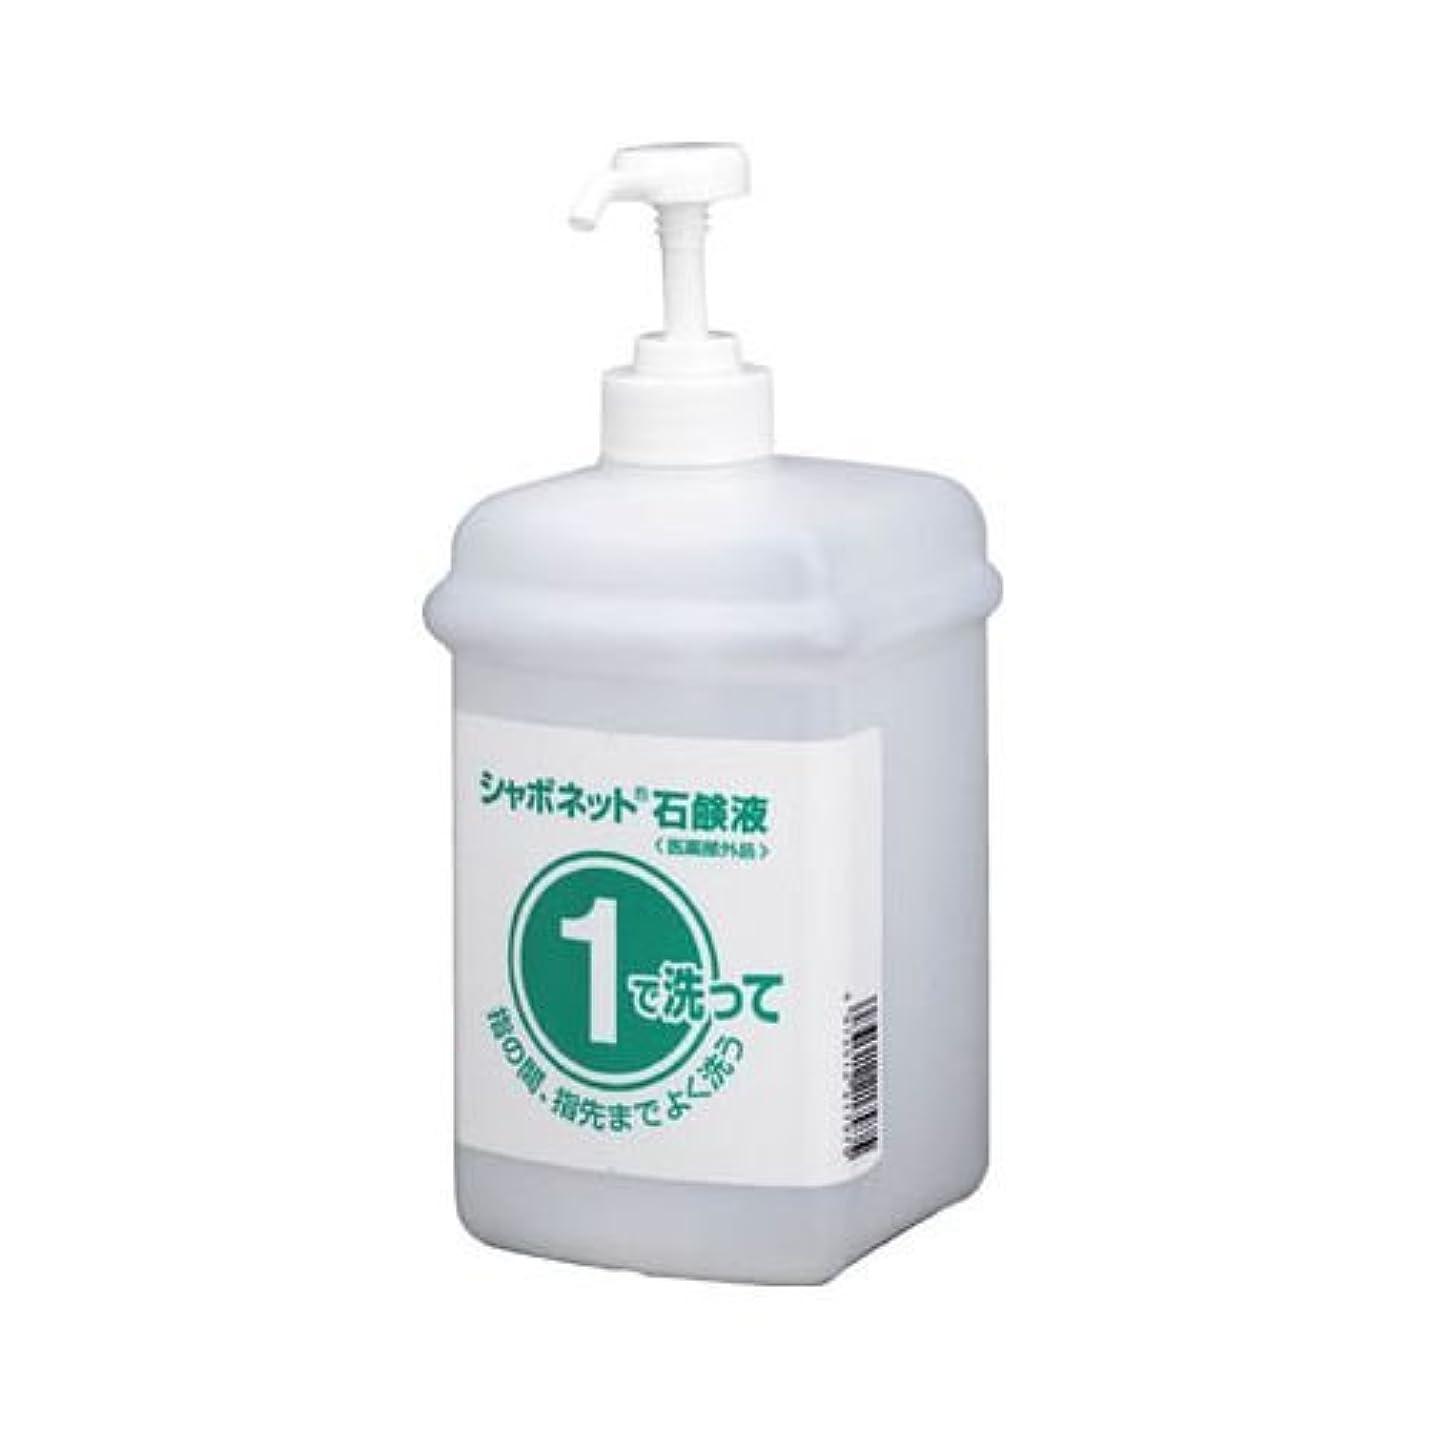 軽食一時停止推定サラヤ 石鹸容器 1?2セットボトル 石鹸液用1L 21793